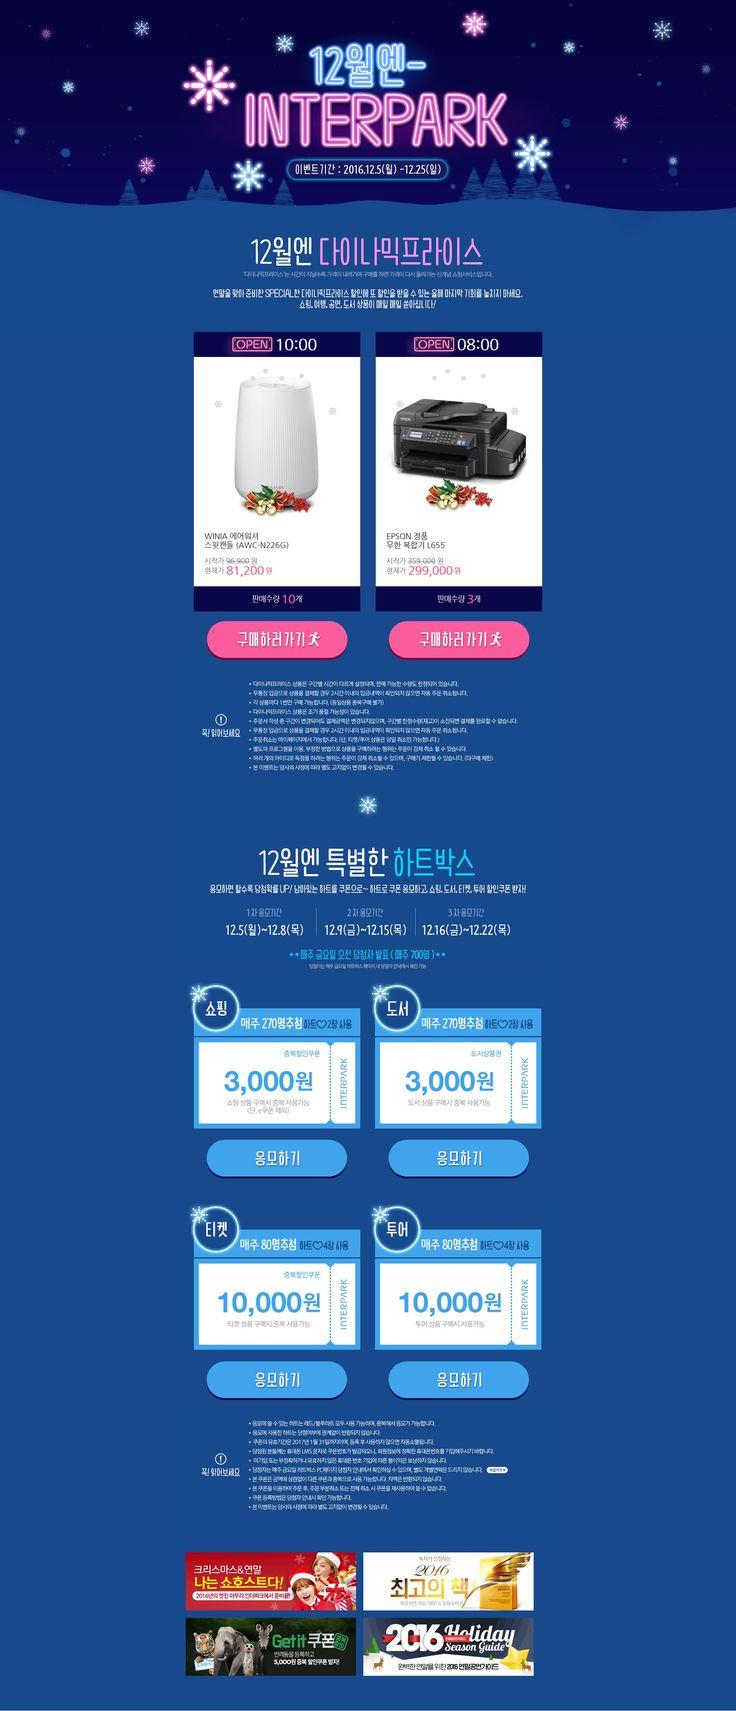 #2016년12월3주차 #인터파크 #12월엔 인터파크www.interpark.com